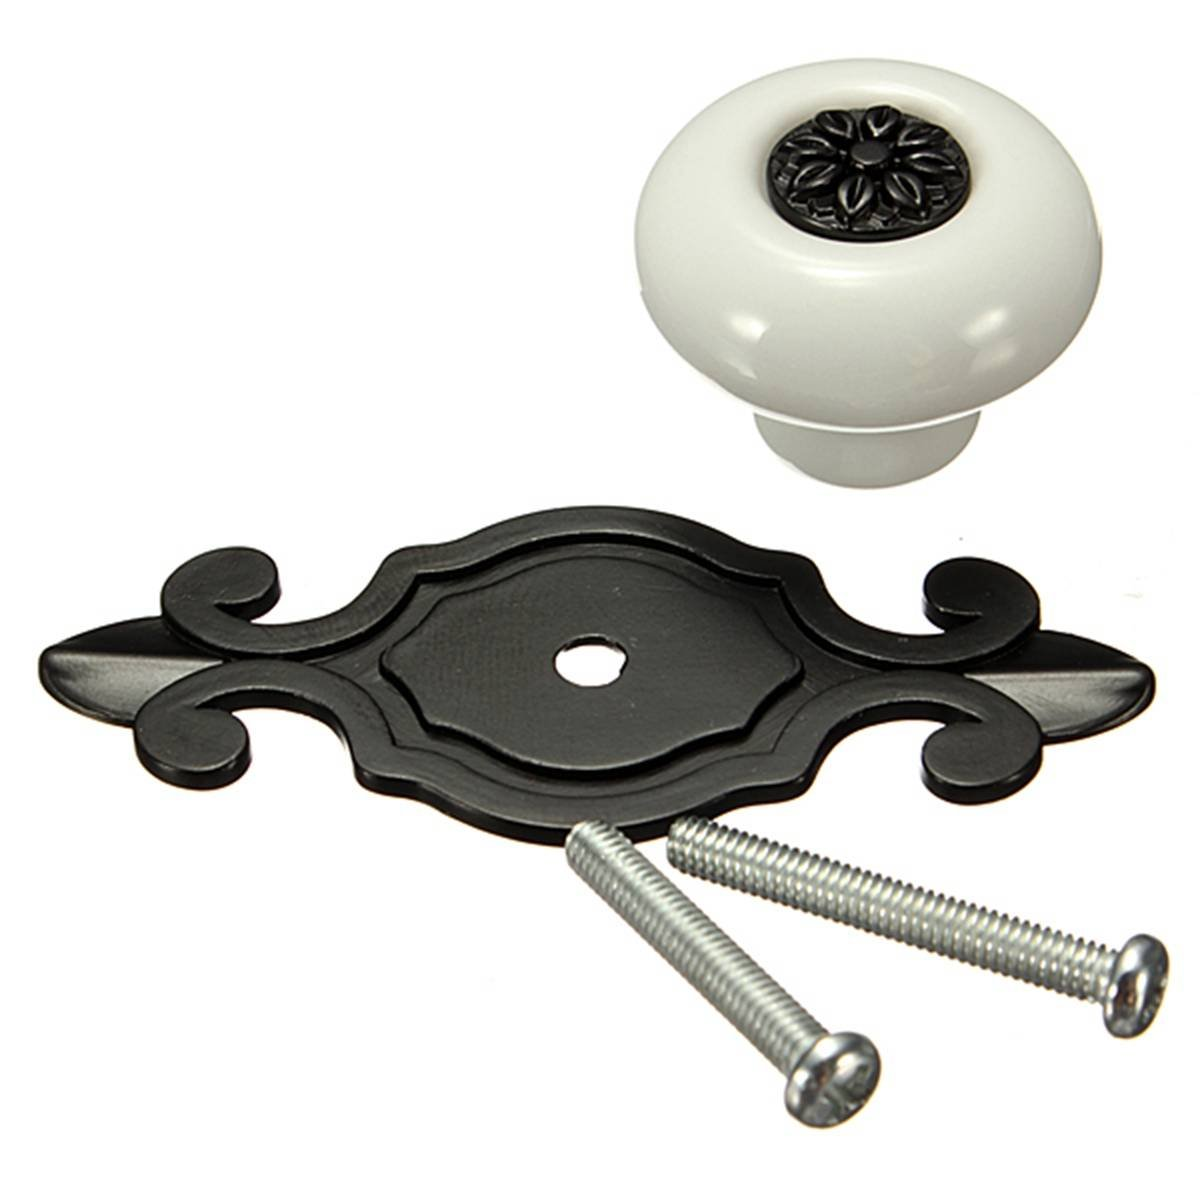 boutons de poignee en ceramique de porte d 39 armoire de tiroirs blanc noir i4q3 ebay. Black Bedroom Furniture Sets. Home Design Ideas